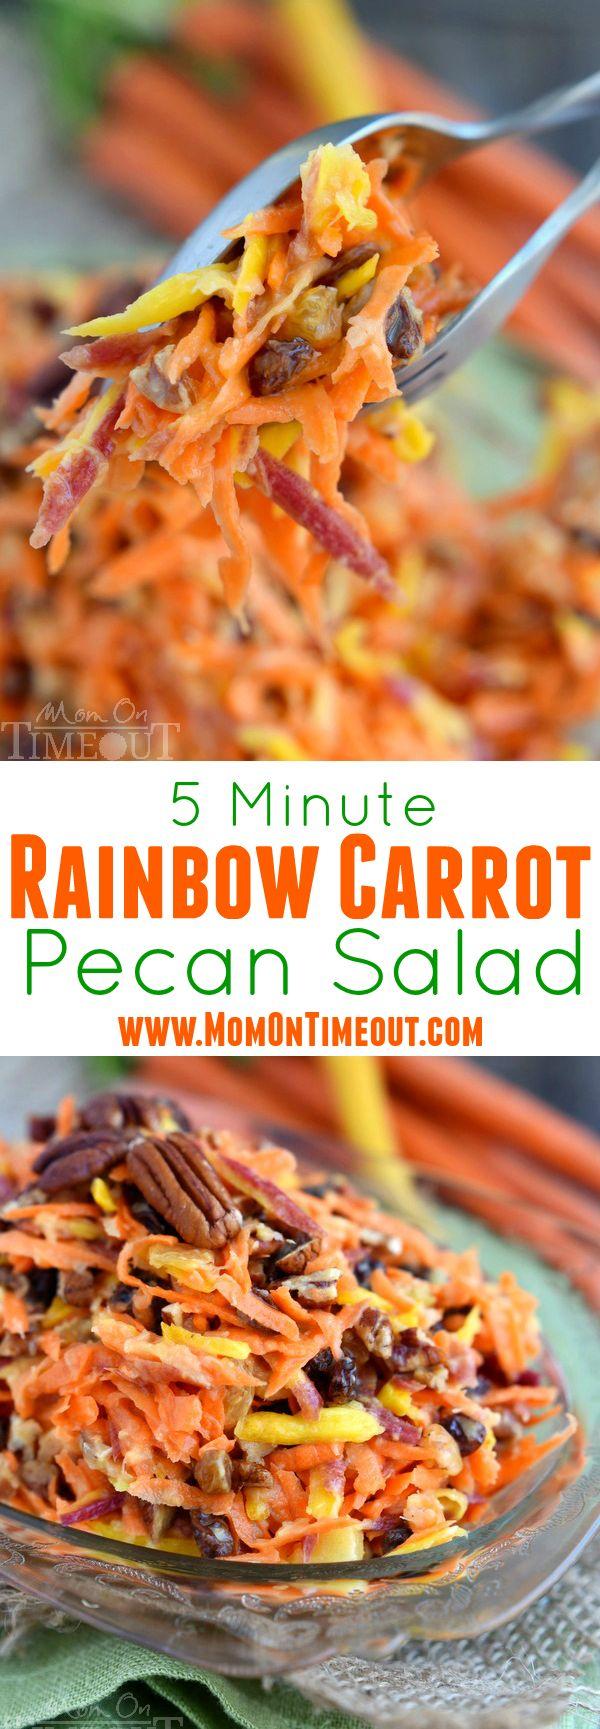 Este fácil de 5 minutos del arco iris Zanahoria Pecan ensalada es muy fácil de preparar y es el complemento perfecto para cualquier comida!  Perfectamente dulce y refrescante, esta receta fácil de ensalada es uno podrá disfrutar de todo el verano!  | MomOnTimeout.com